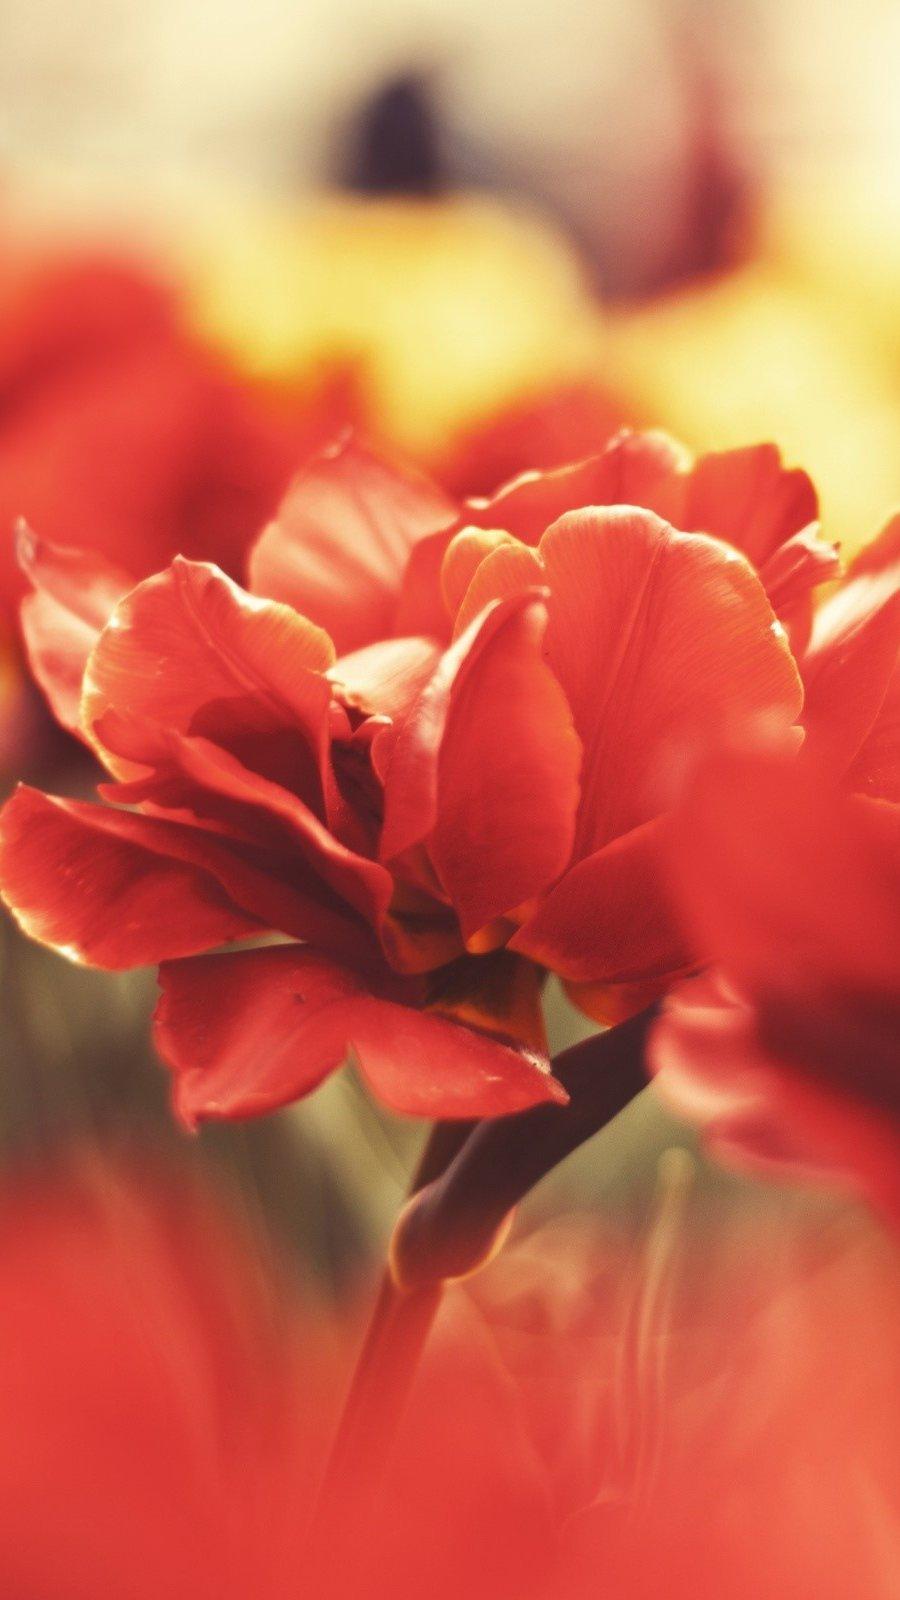 Fondos de pantalla Flores rojas y amarillas Vertical